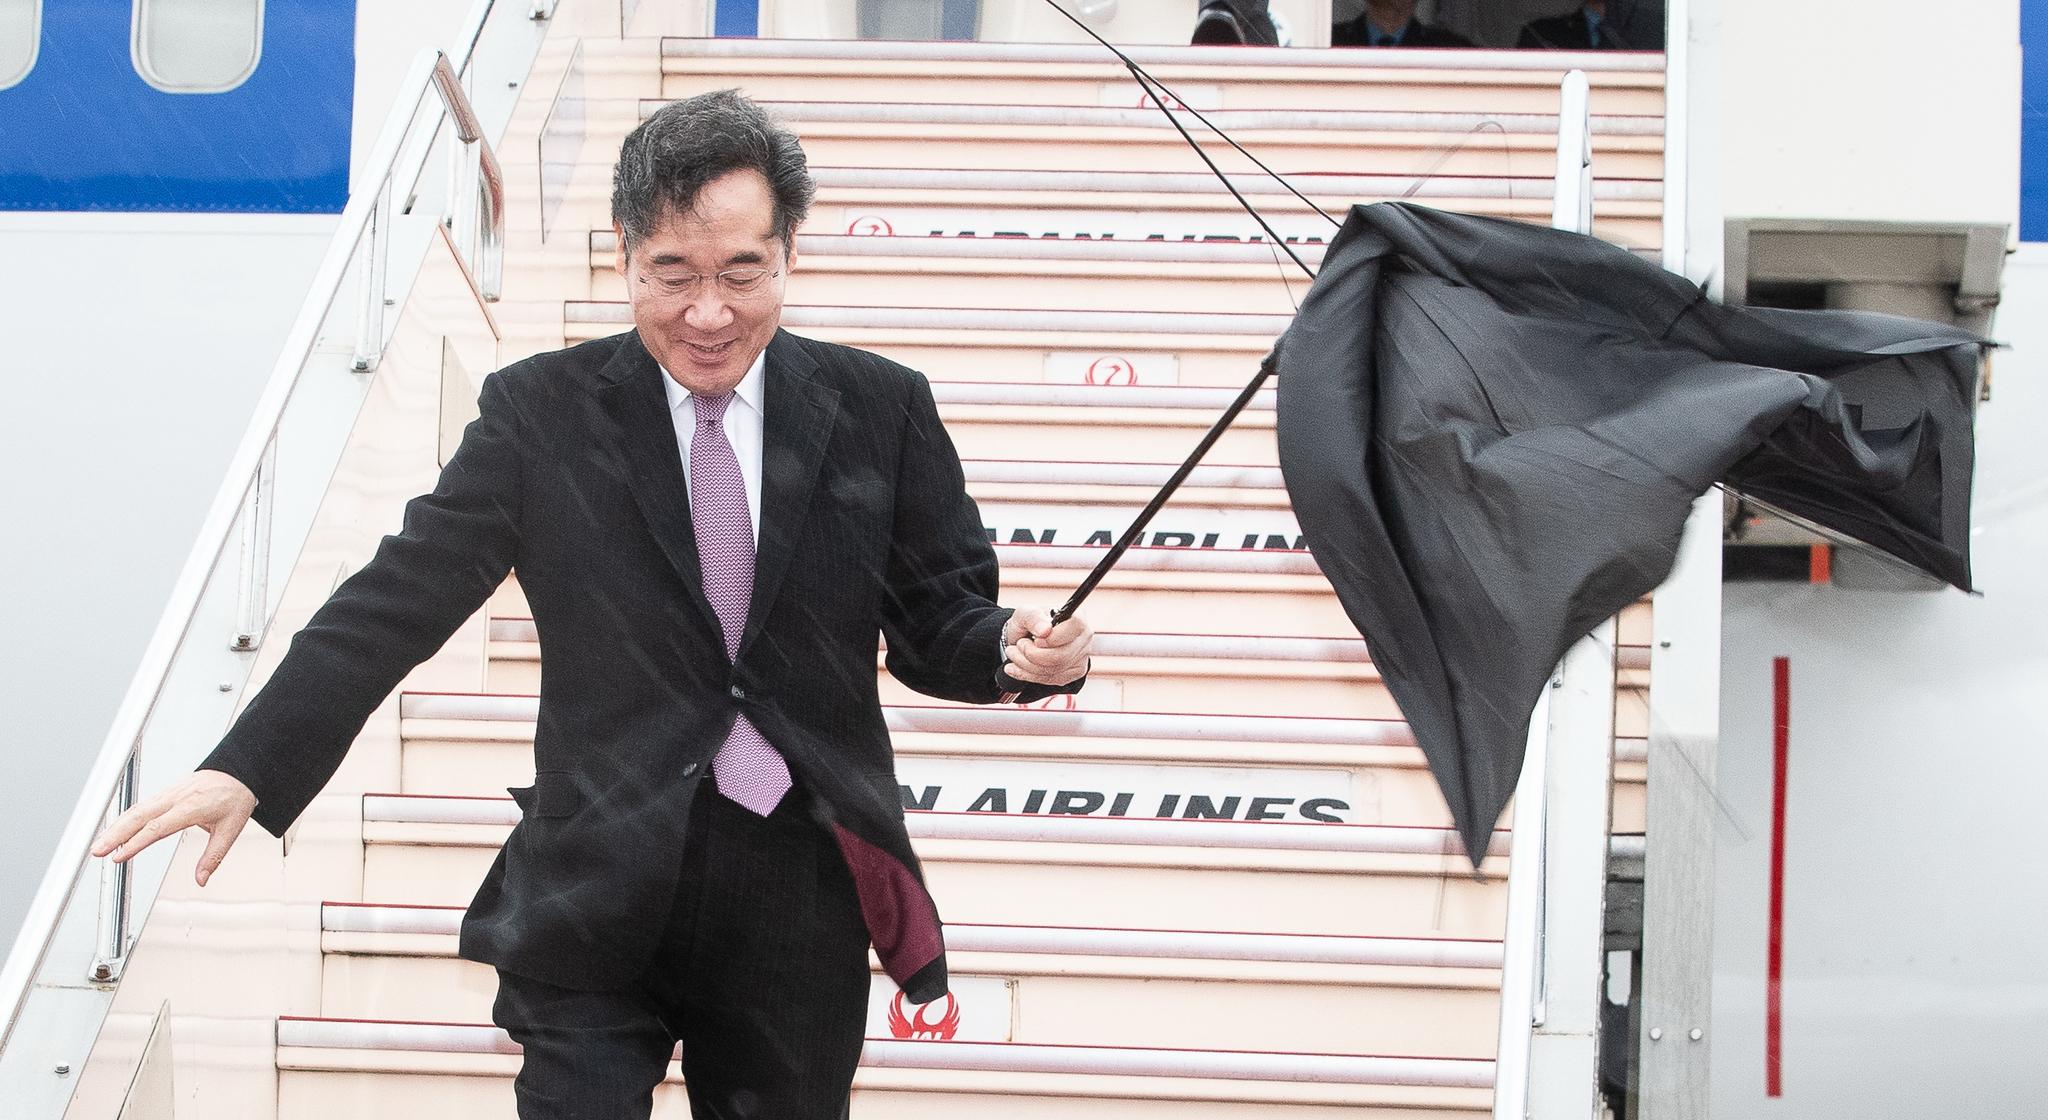 나루히토(德仁) 일왕 즉위식 참석차 일본을 방문한 이낙연 국무총리가 22일 일본 하네다공항에 도착하고 있다. 이 총리는 24일 아베 신조 일본 총리와 면담하고 문재인 대통령의 친서를 전달, 한일관계 개선을 위한 우호적 여건 조성에 나선다. [뉴스1]